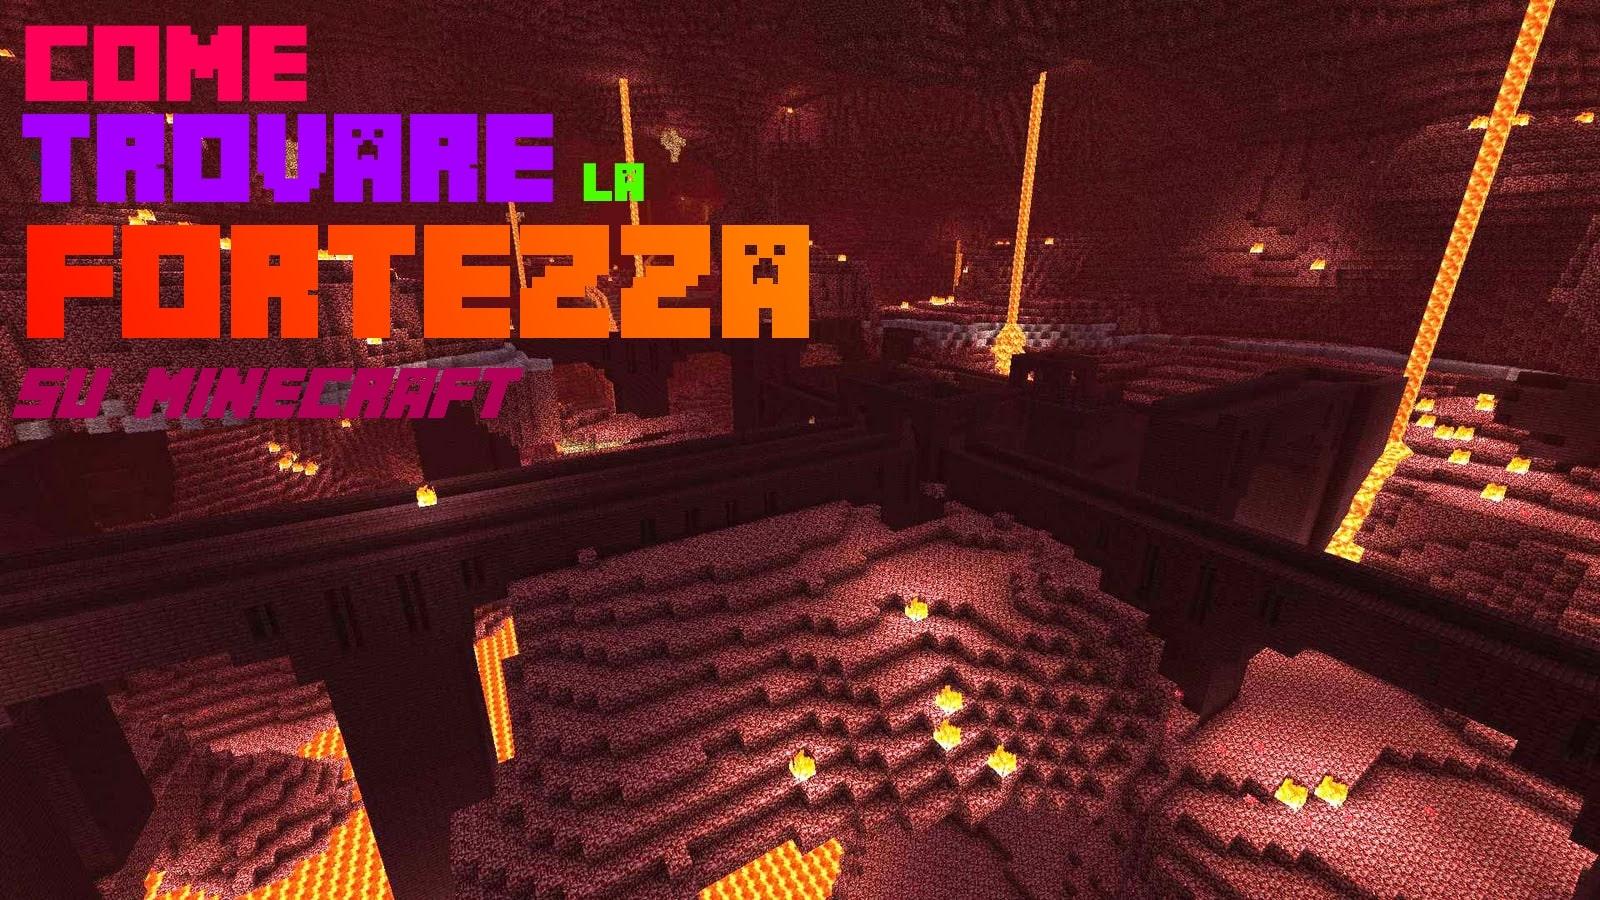 Benvenuti in questo articolo su Come Trovare La Fortezza Del Nether di Minecraft in modo molto semplice. Utilizzeremo due comandi: un Locate e un TP.